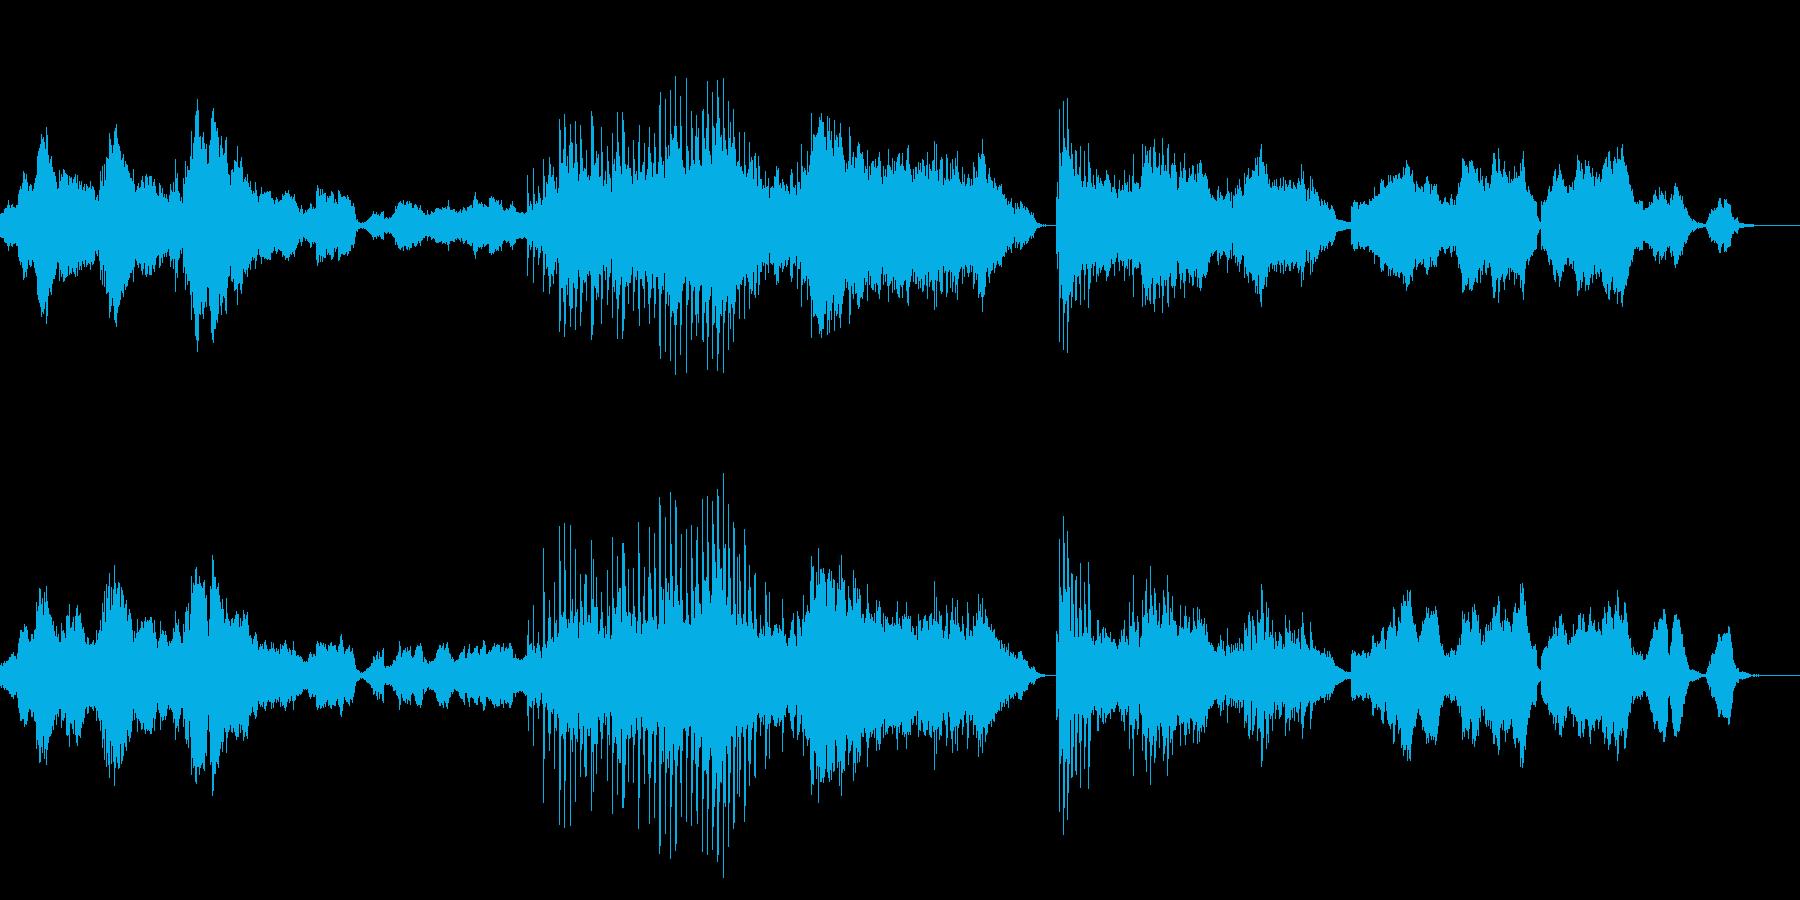 幻想的な世界観の音の再生済みの波形